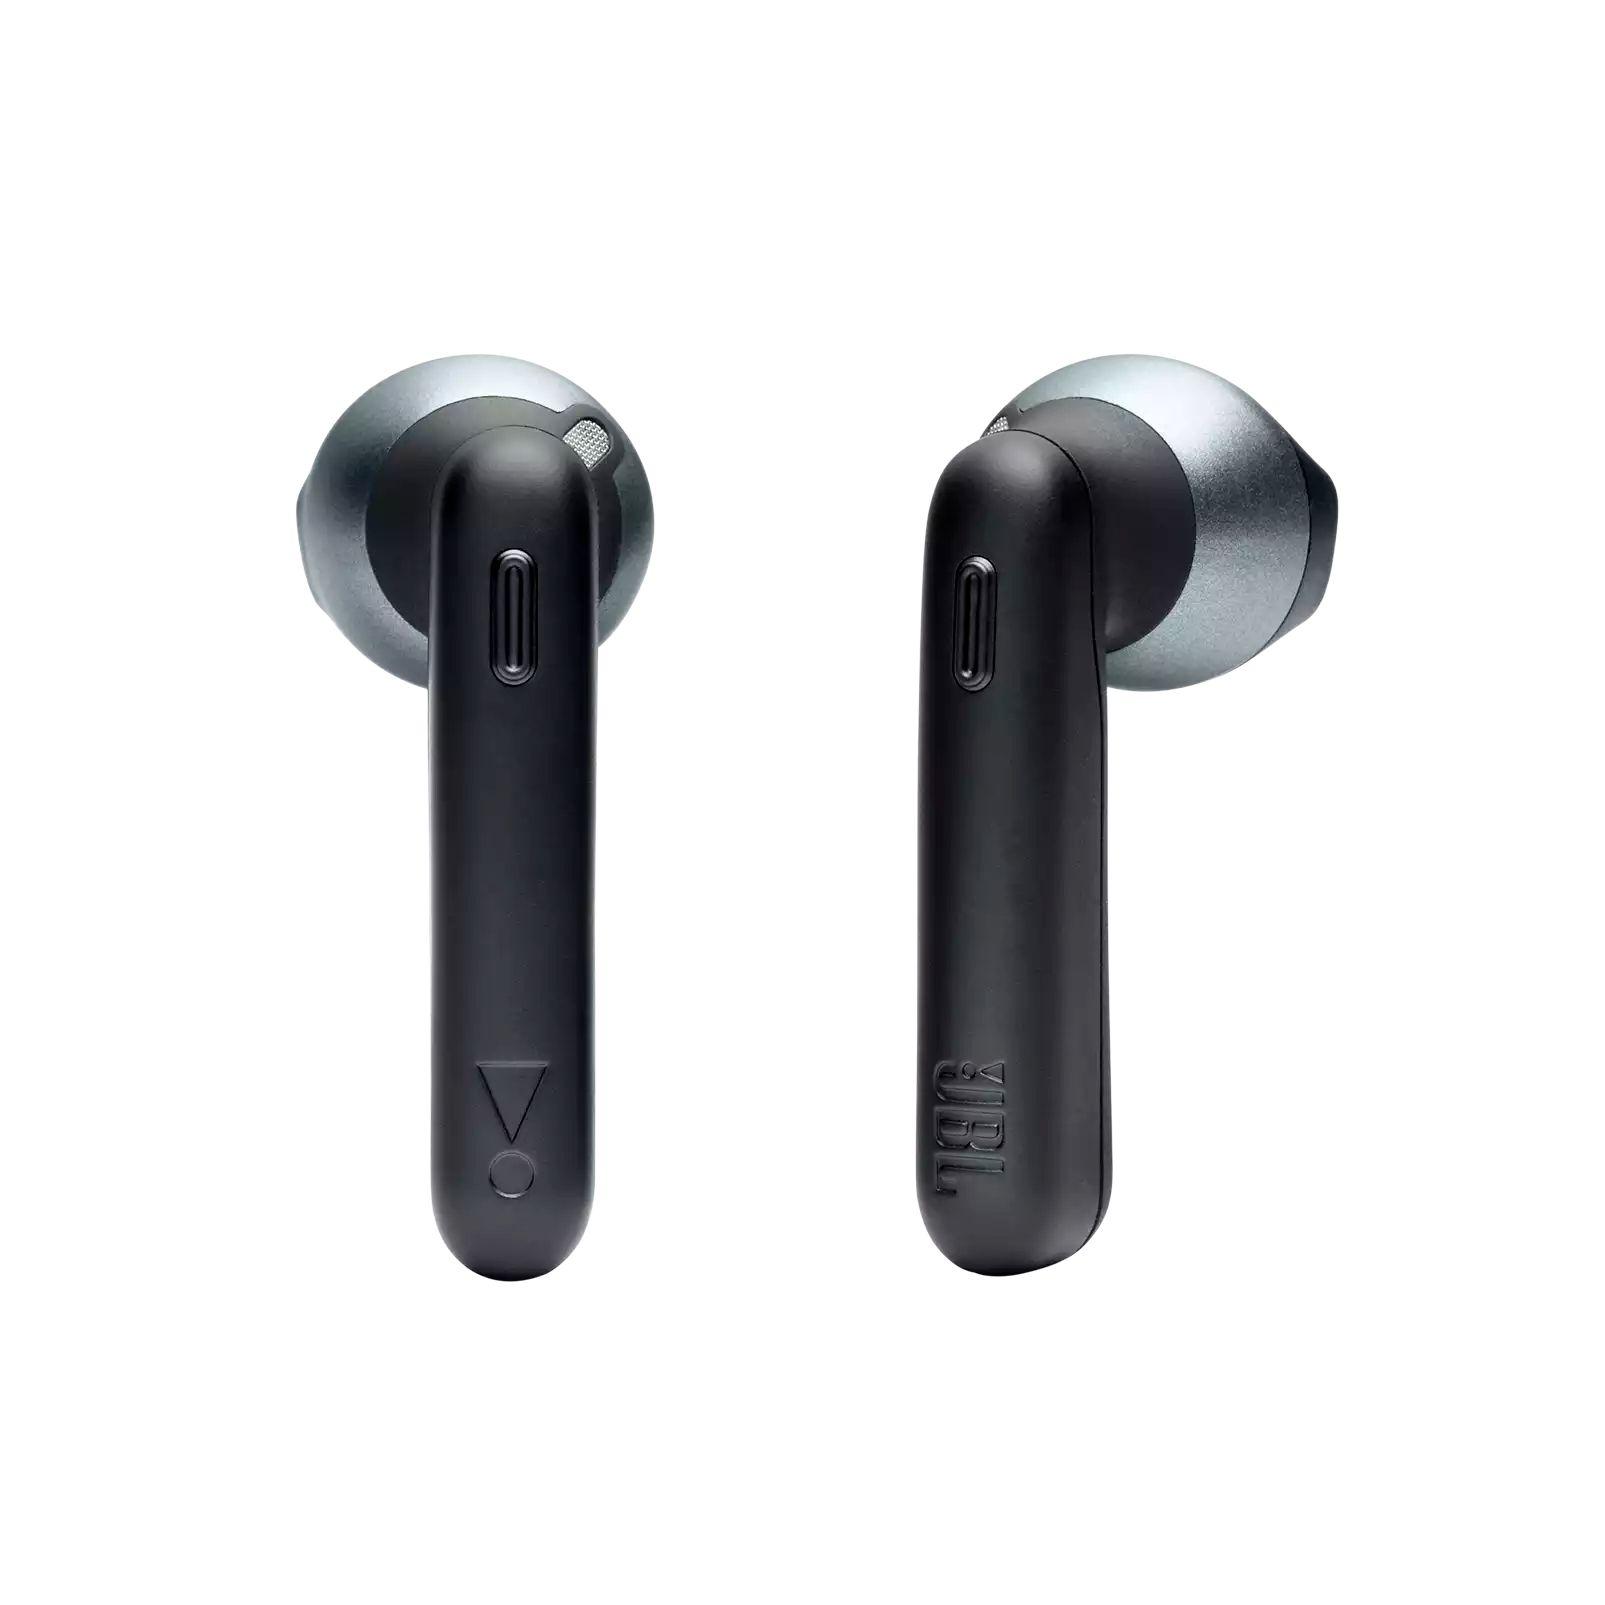 Fone de Ouvido Bluetooth JBL Tune 220TWS - Preto JBLT220TWSBLK